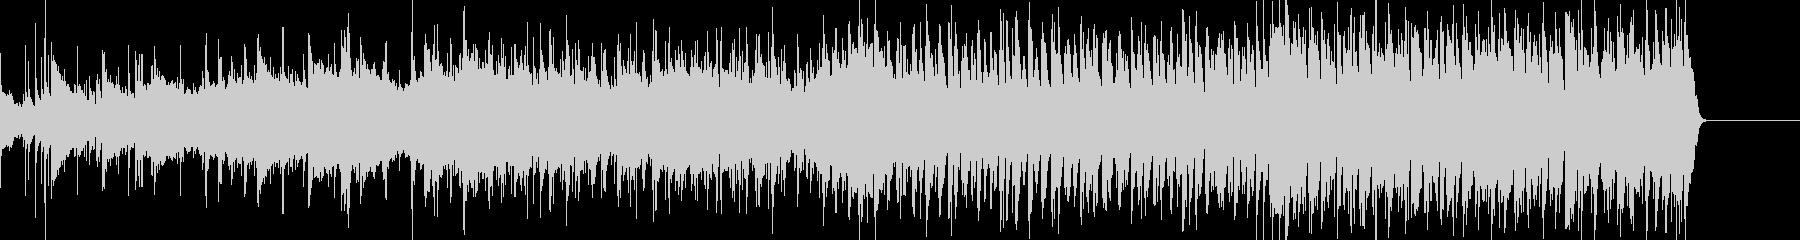 ラテンのリズムを取り入れた爽やかな曲の未再生の波形